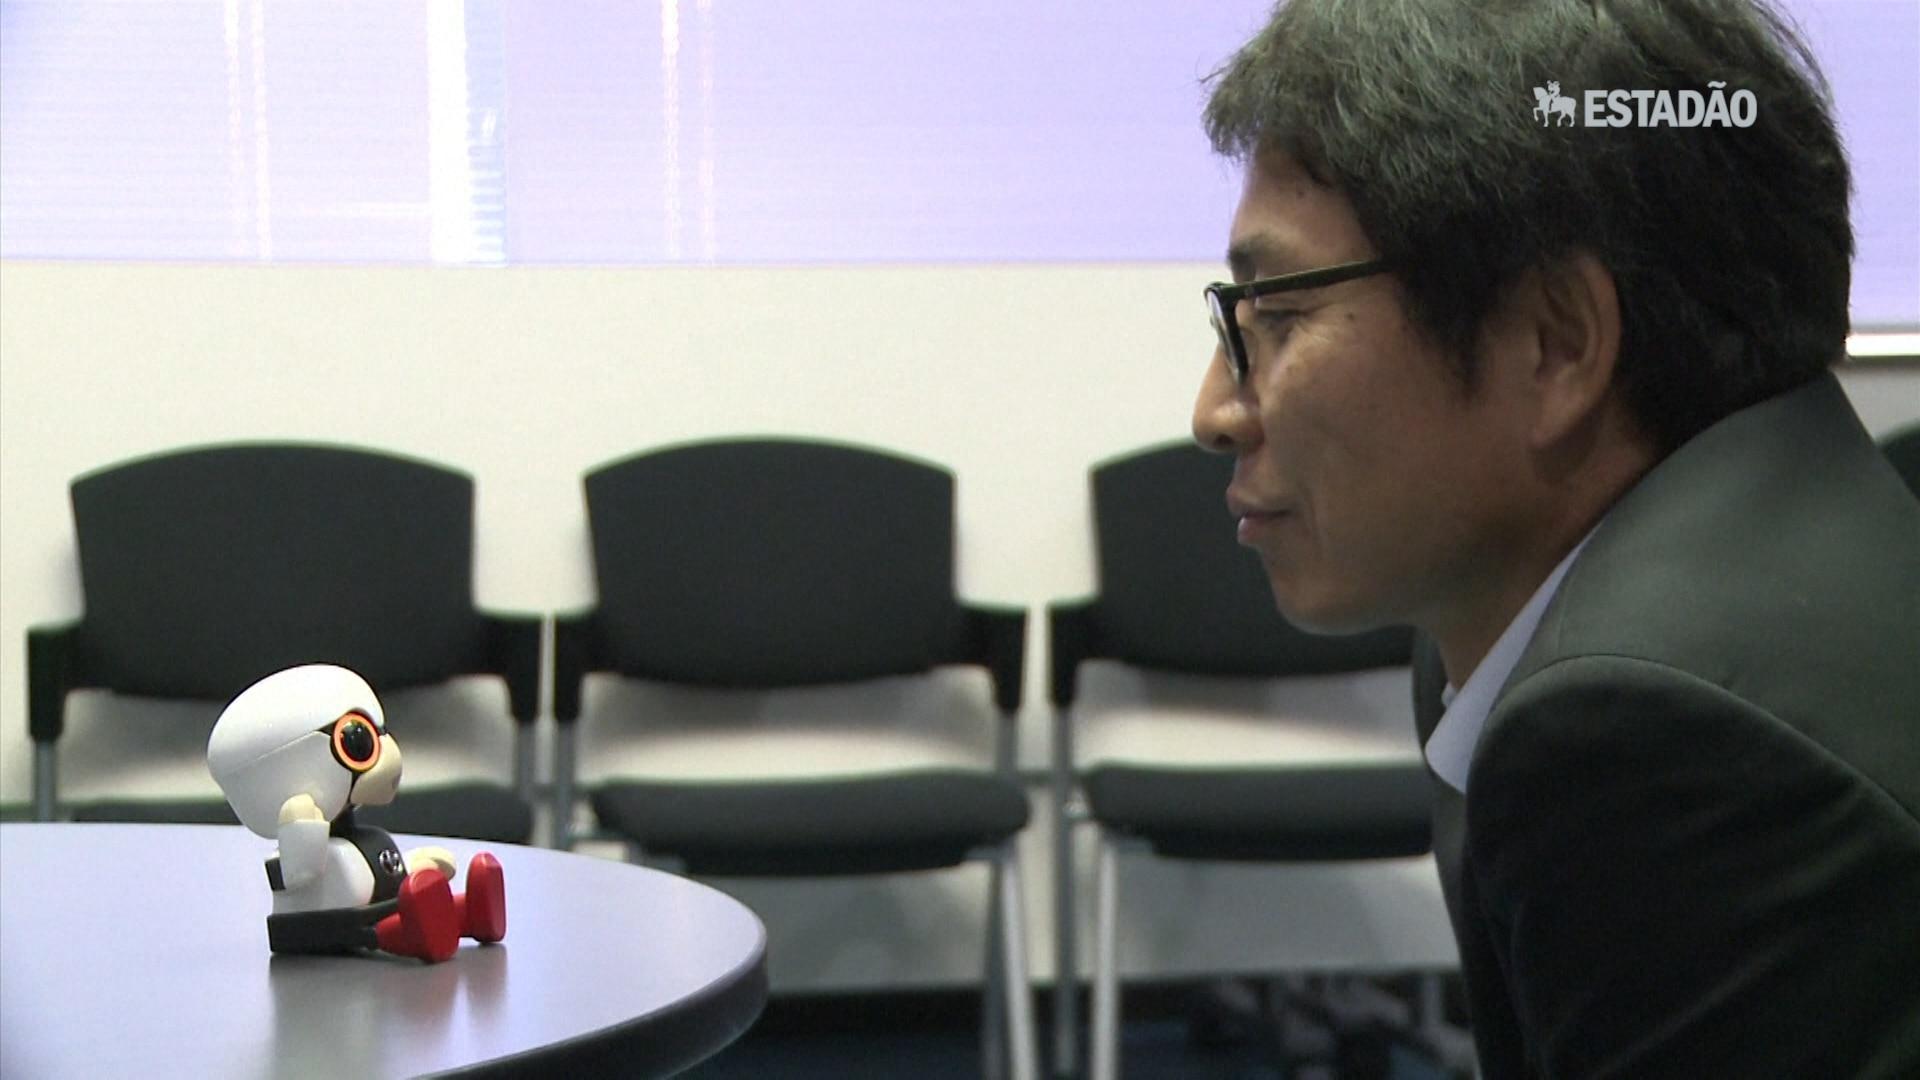 Toyota lança robô para fazer companhia a pessoas solitárias